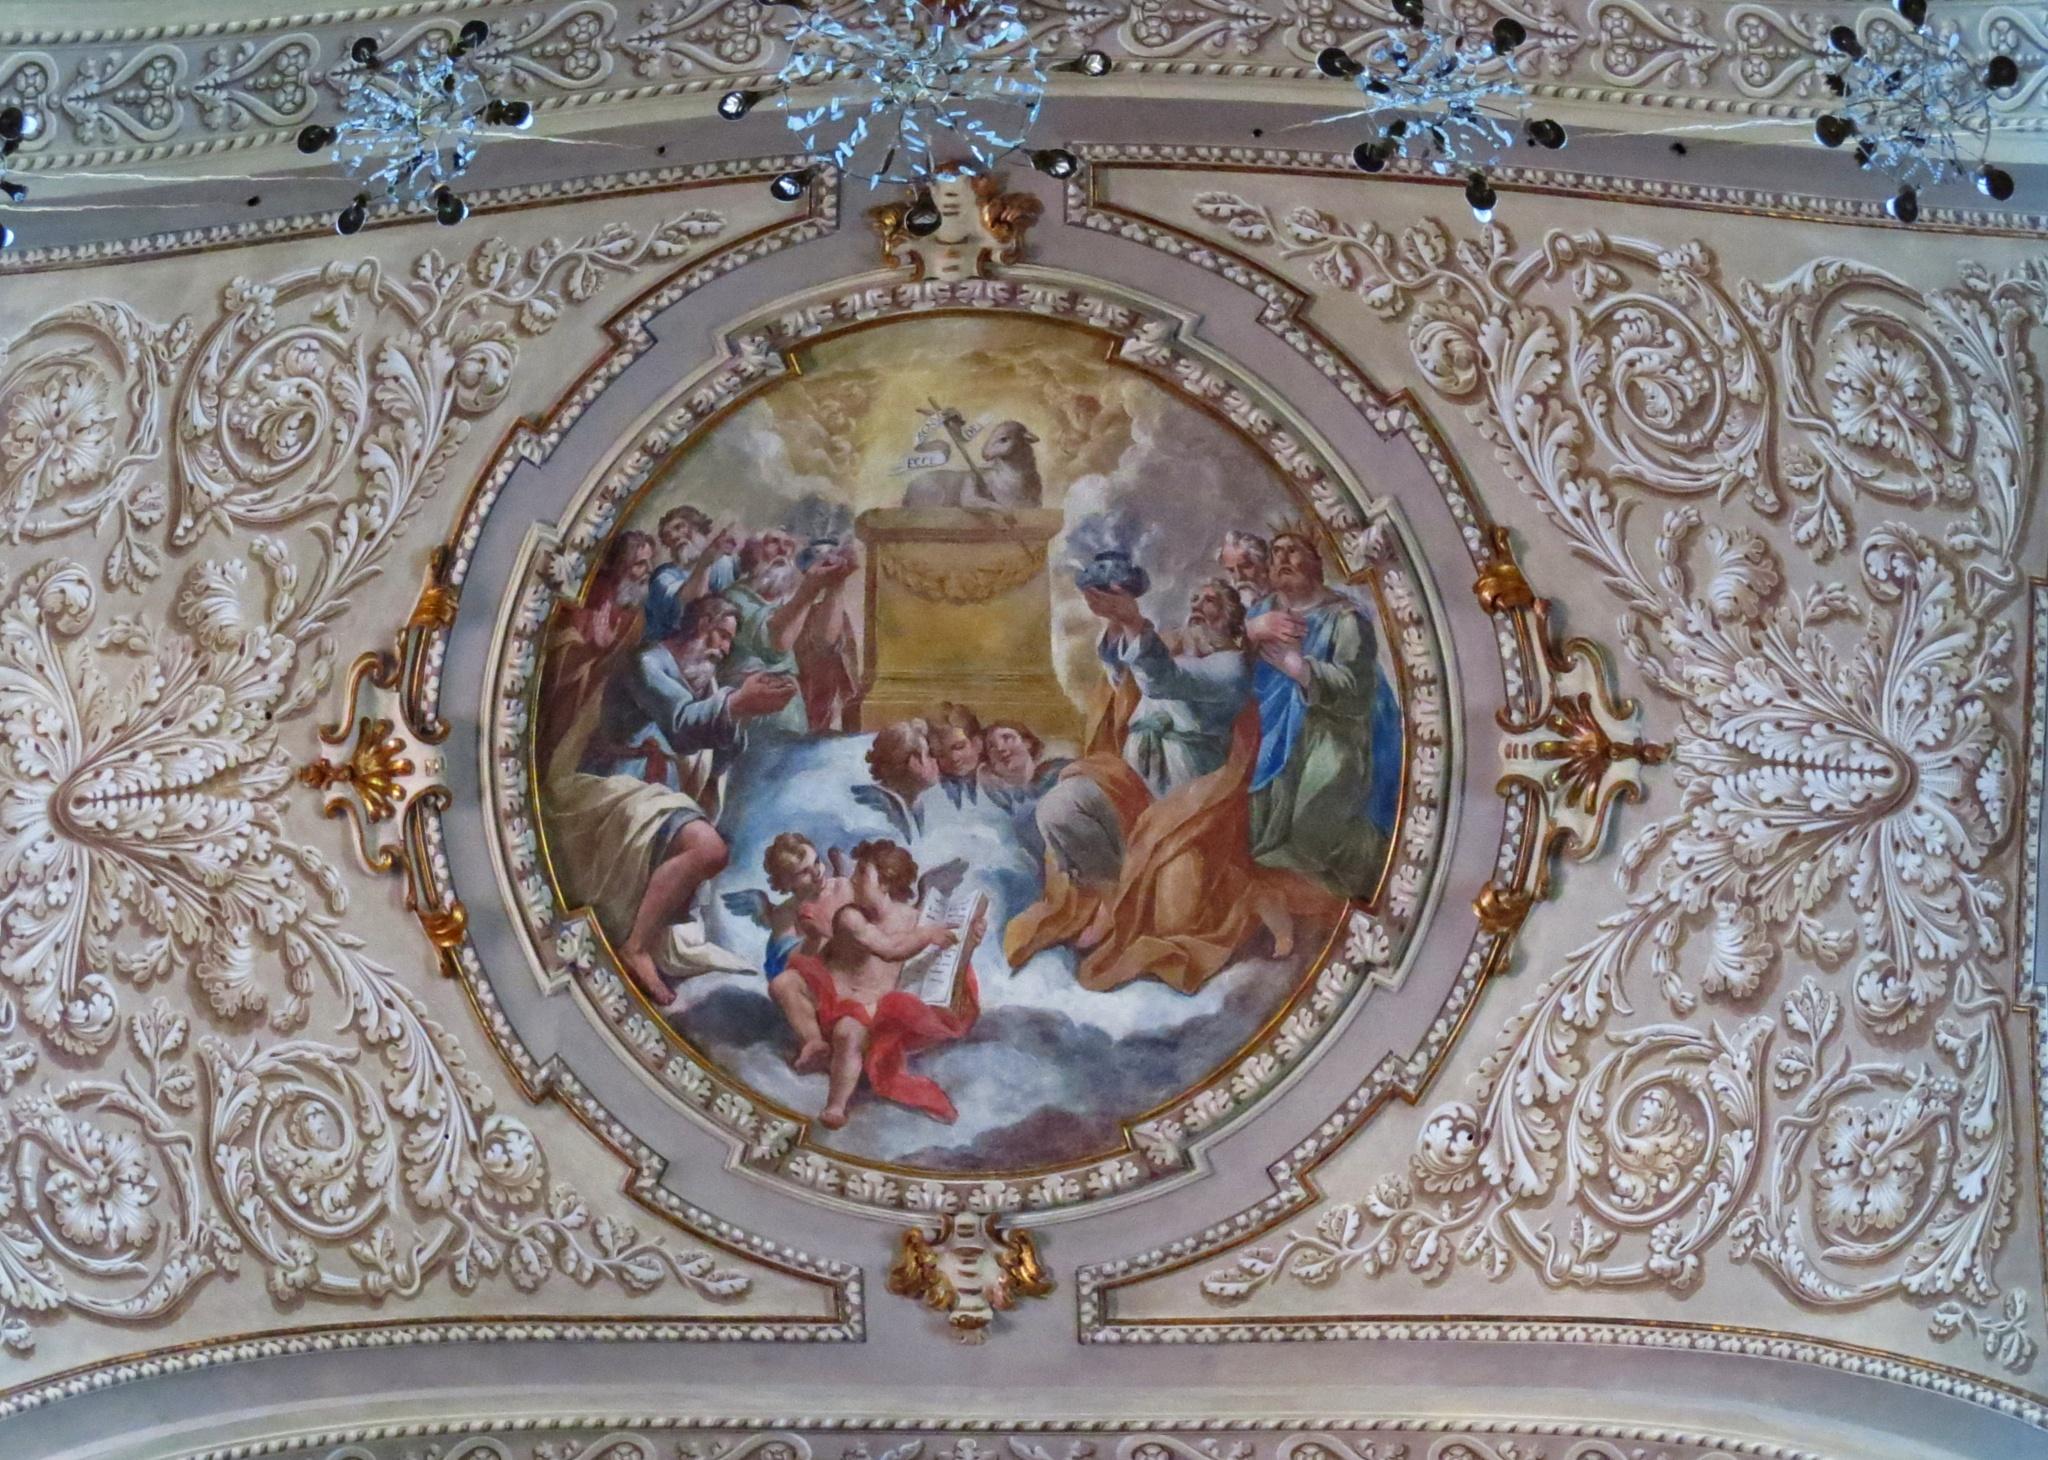 Treia, Marche, Italy- Chiesa San Filippo Neri -by Gianni Del Bufalo (CC BY-NC-SA) by gianni del bufalo